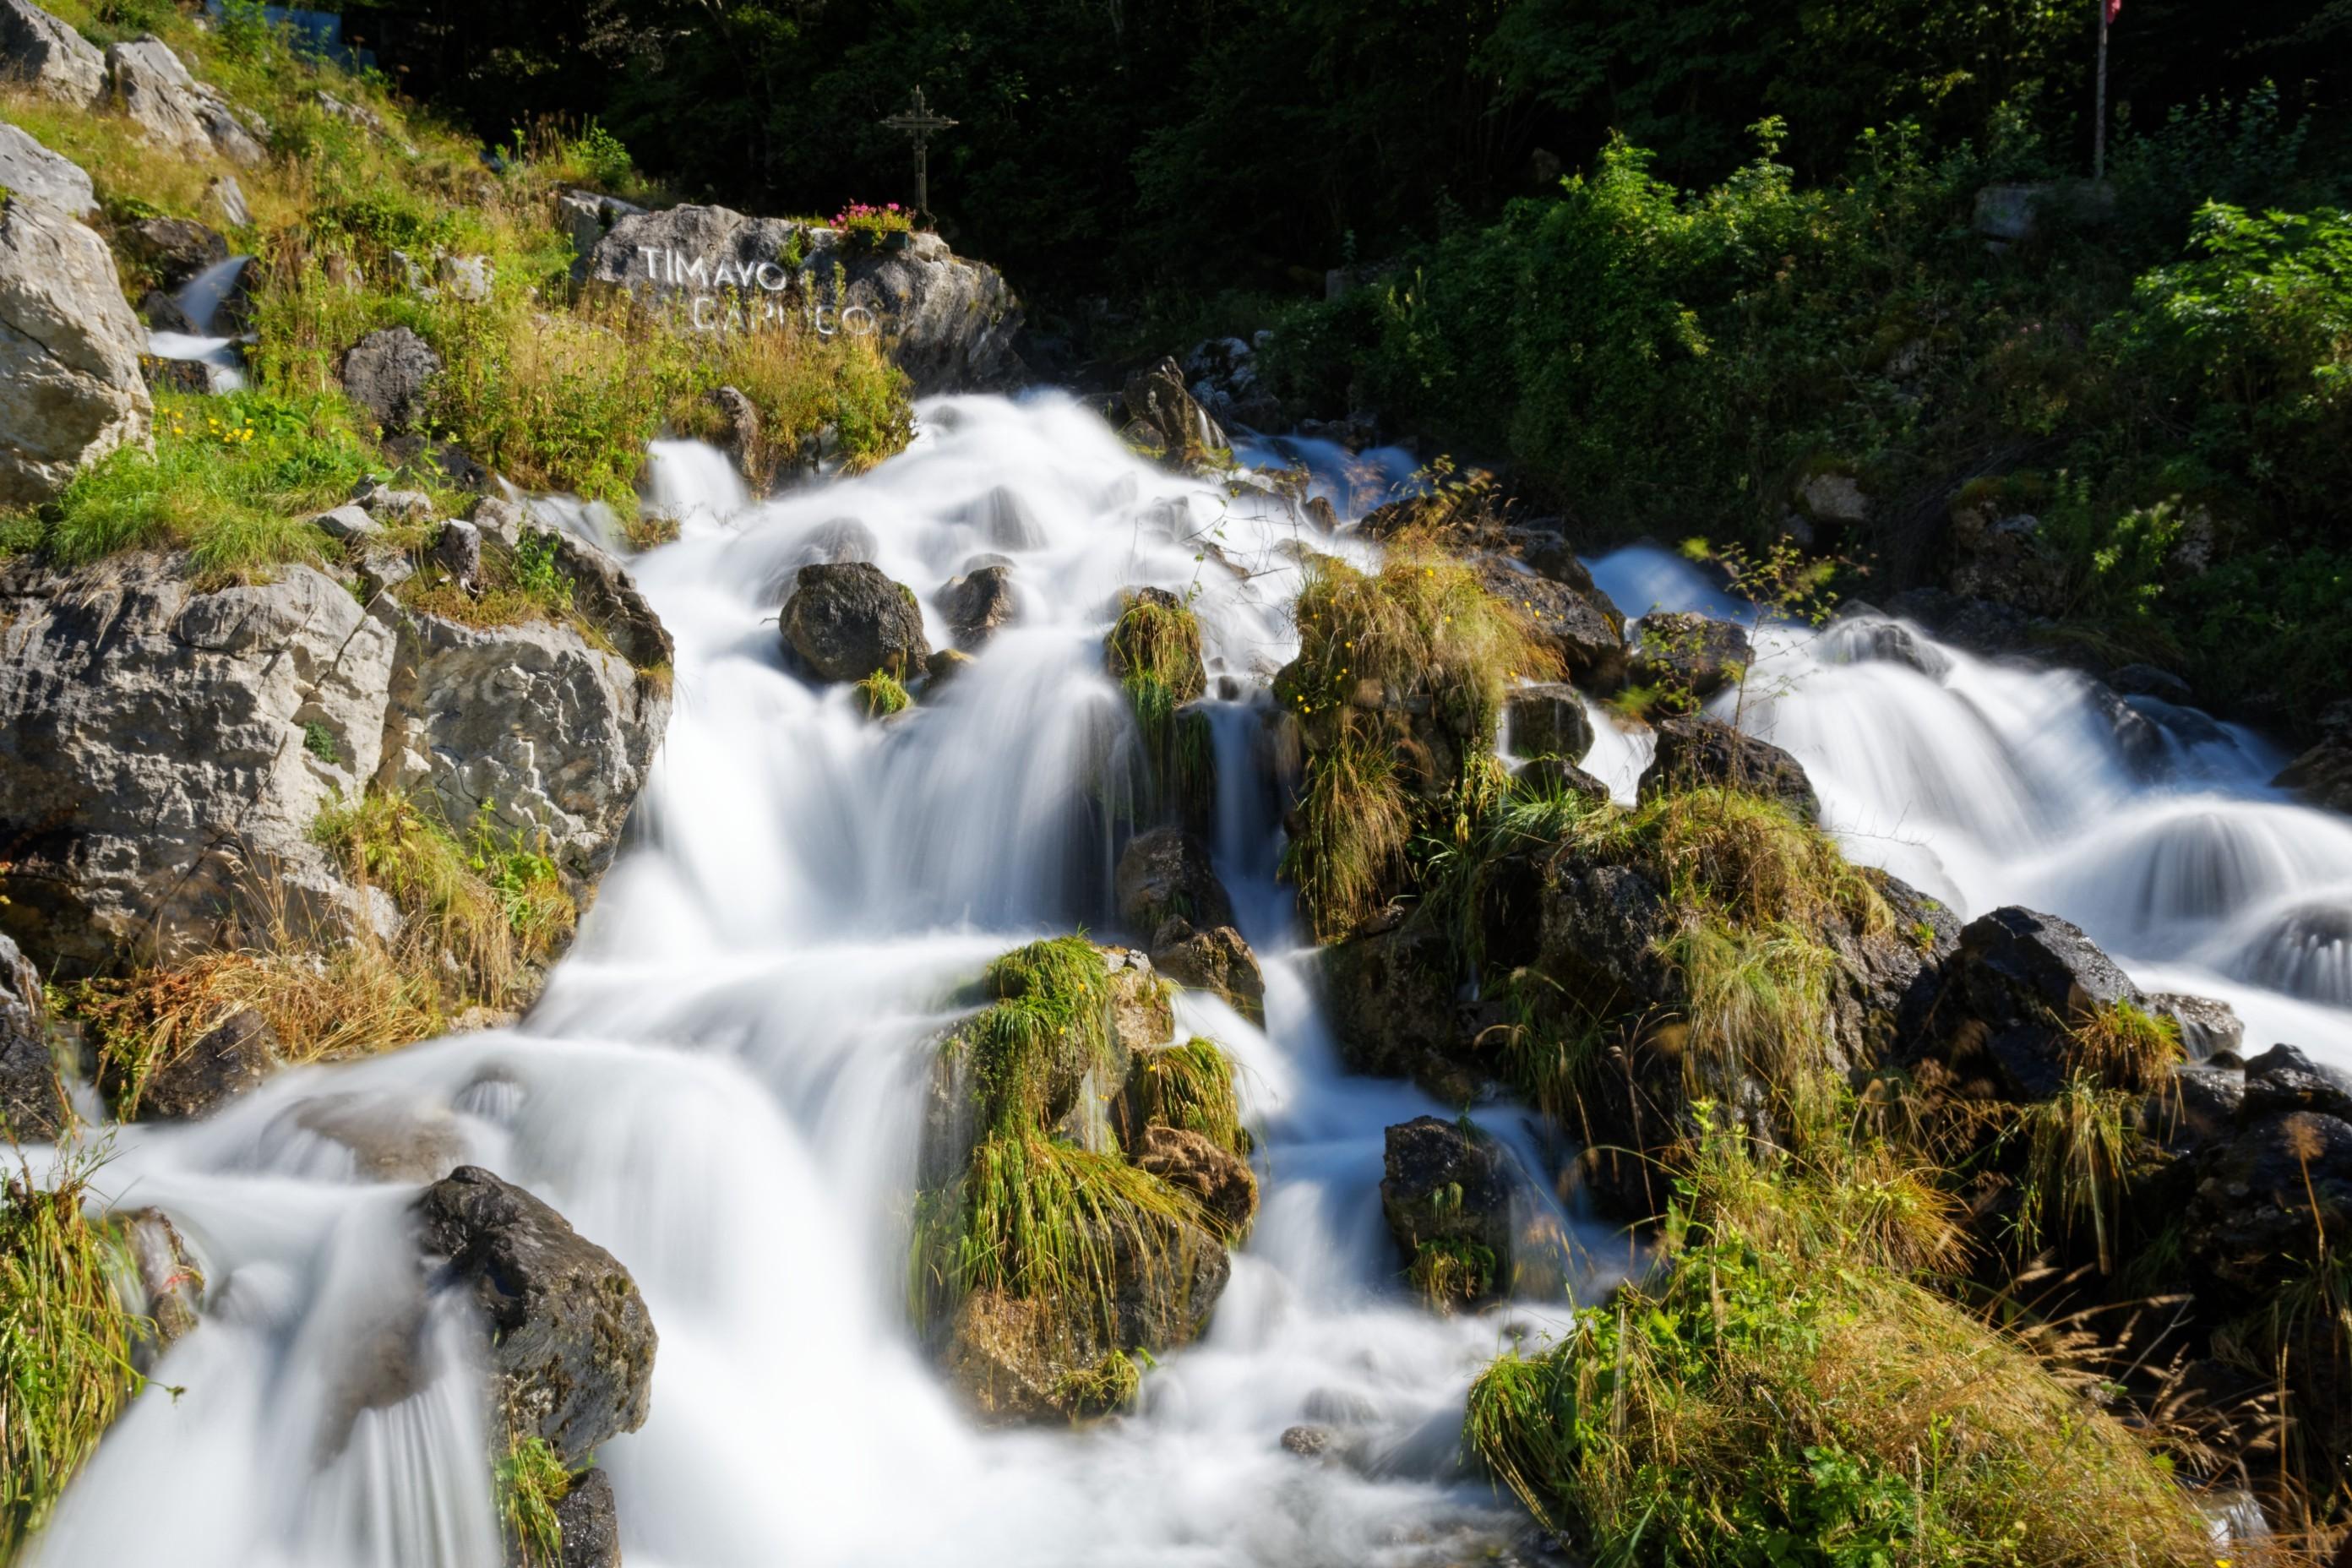 Ein Wasserfall auf der Nordseite des Plöckenpasses in der Nähe von Timeau.